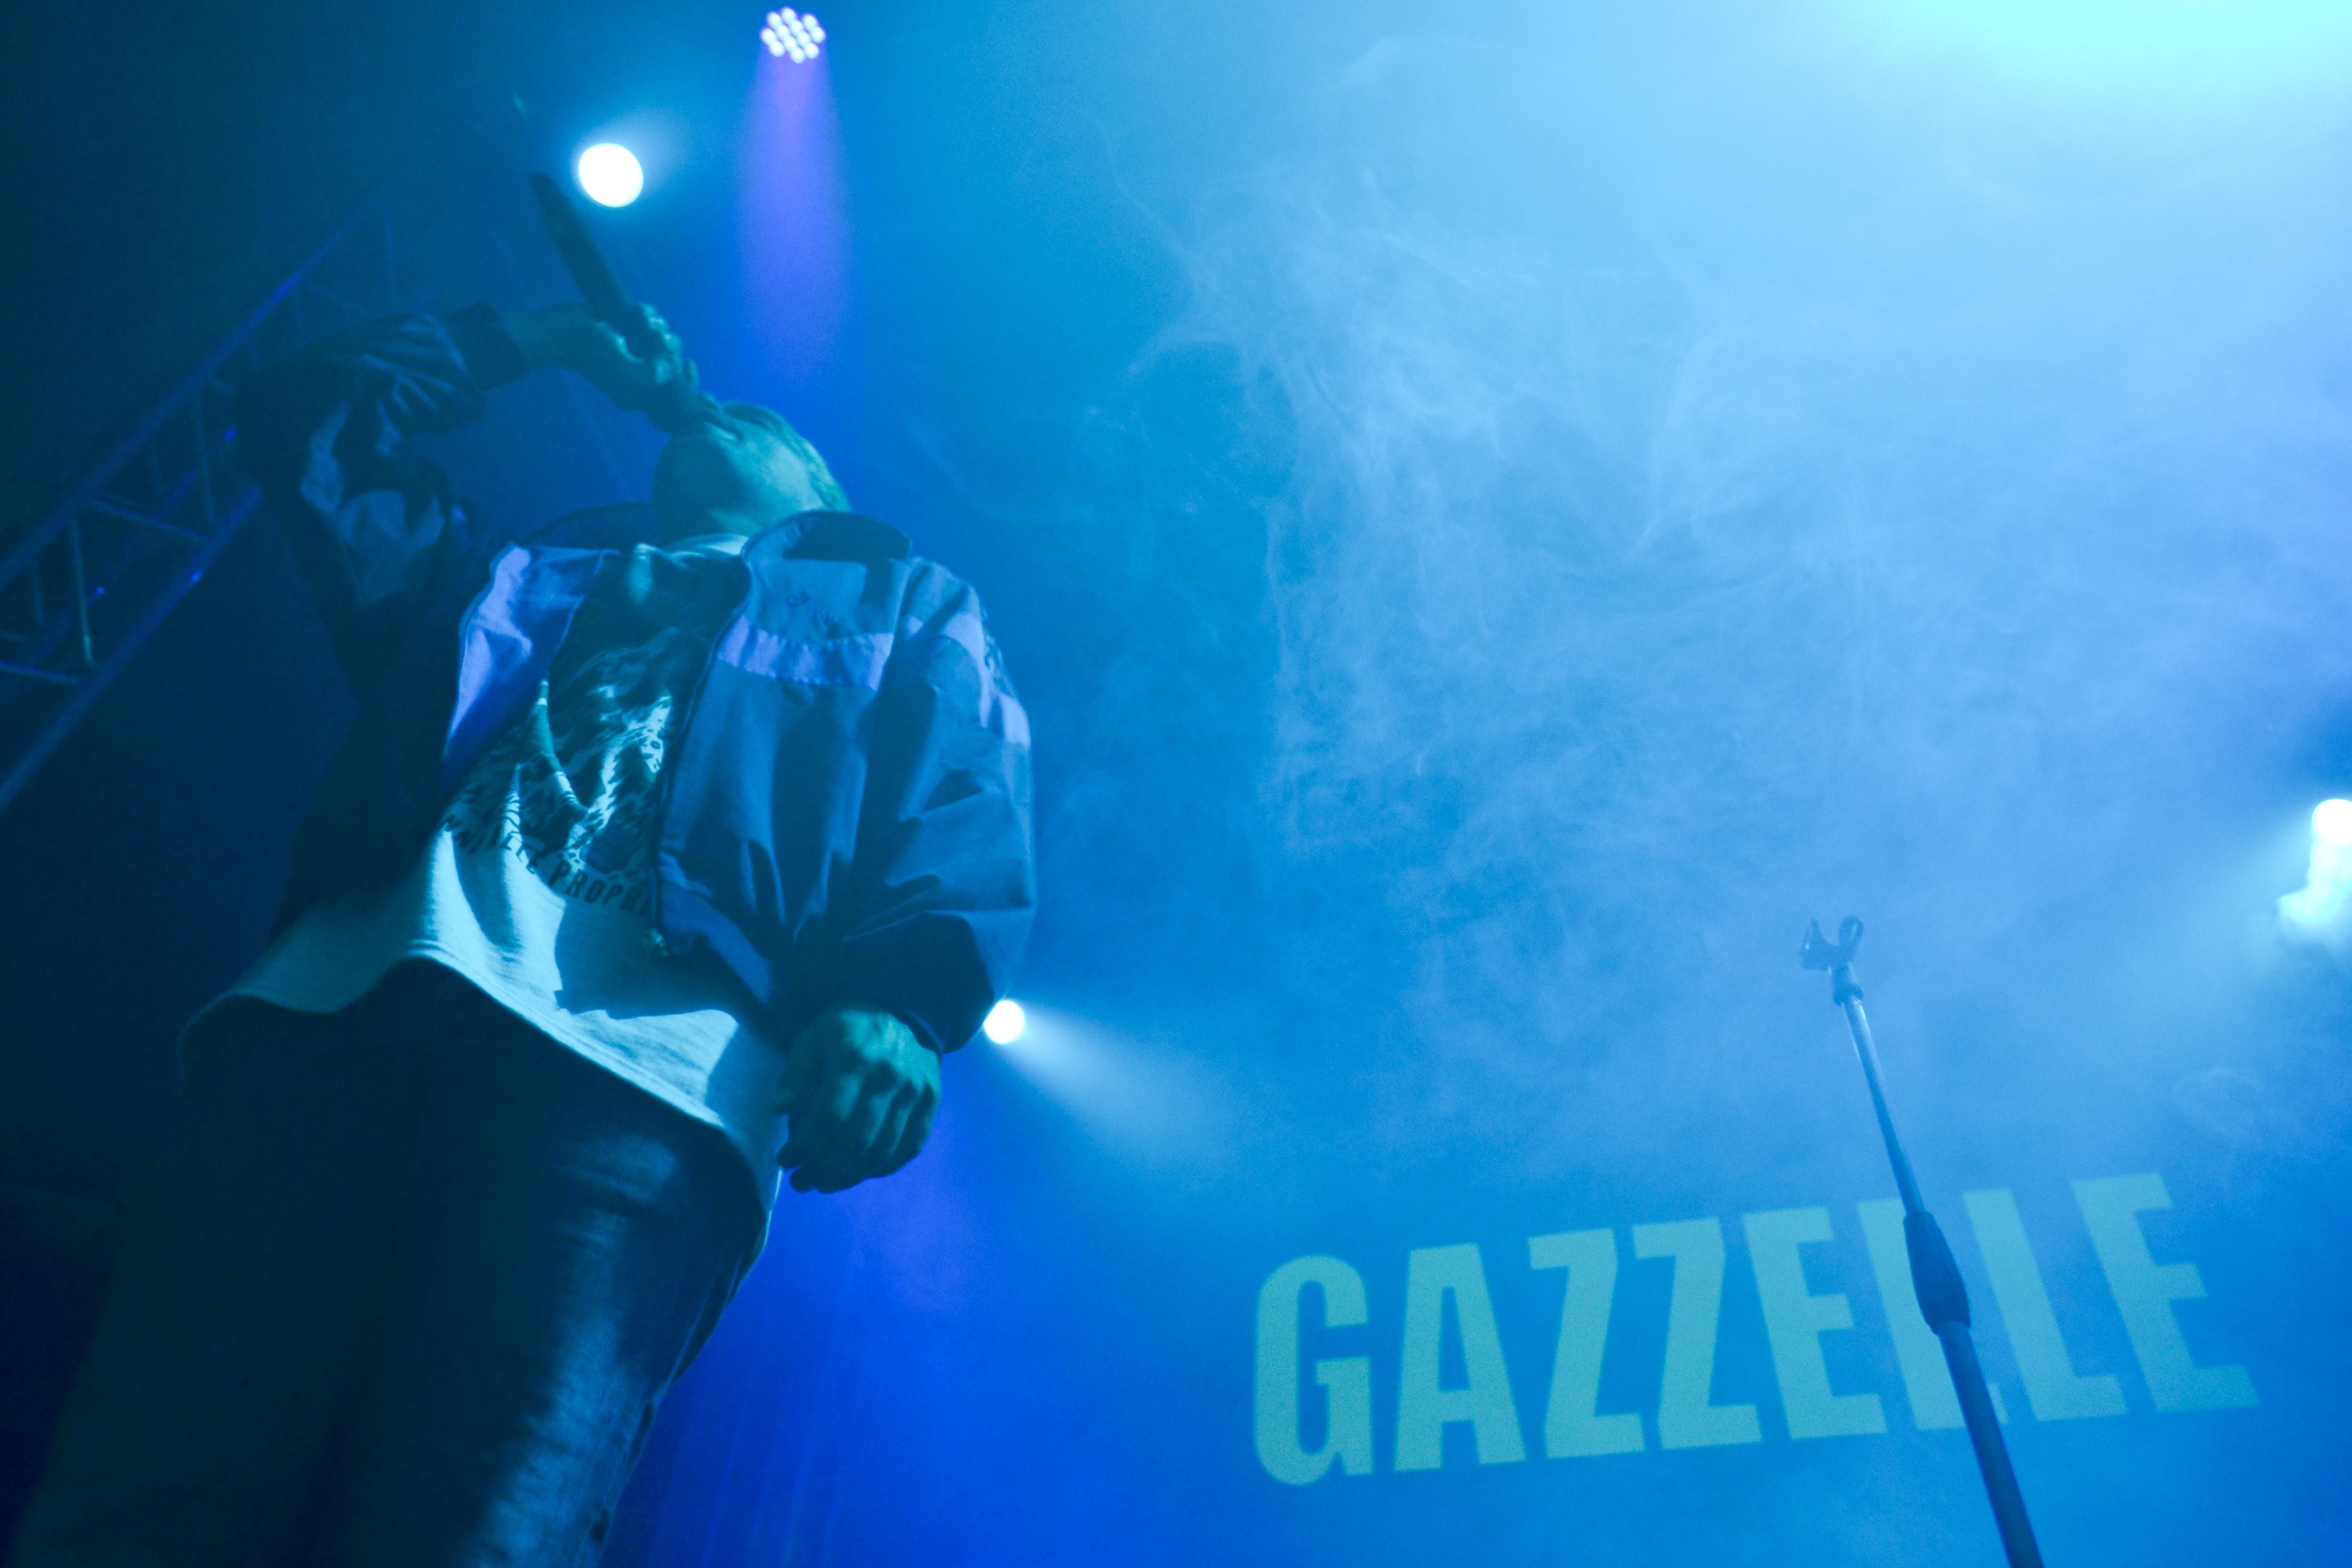 Gazzelle live a Ceccanno // Foto: IL MURO